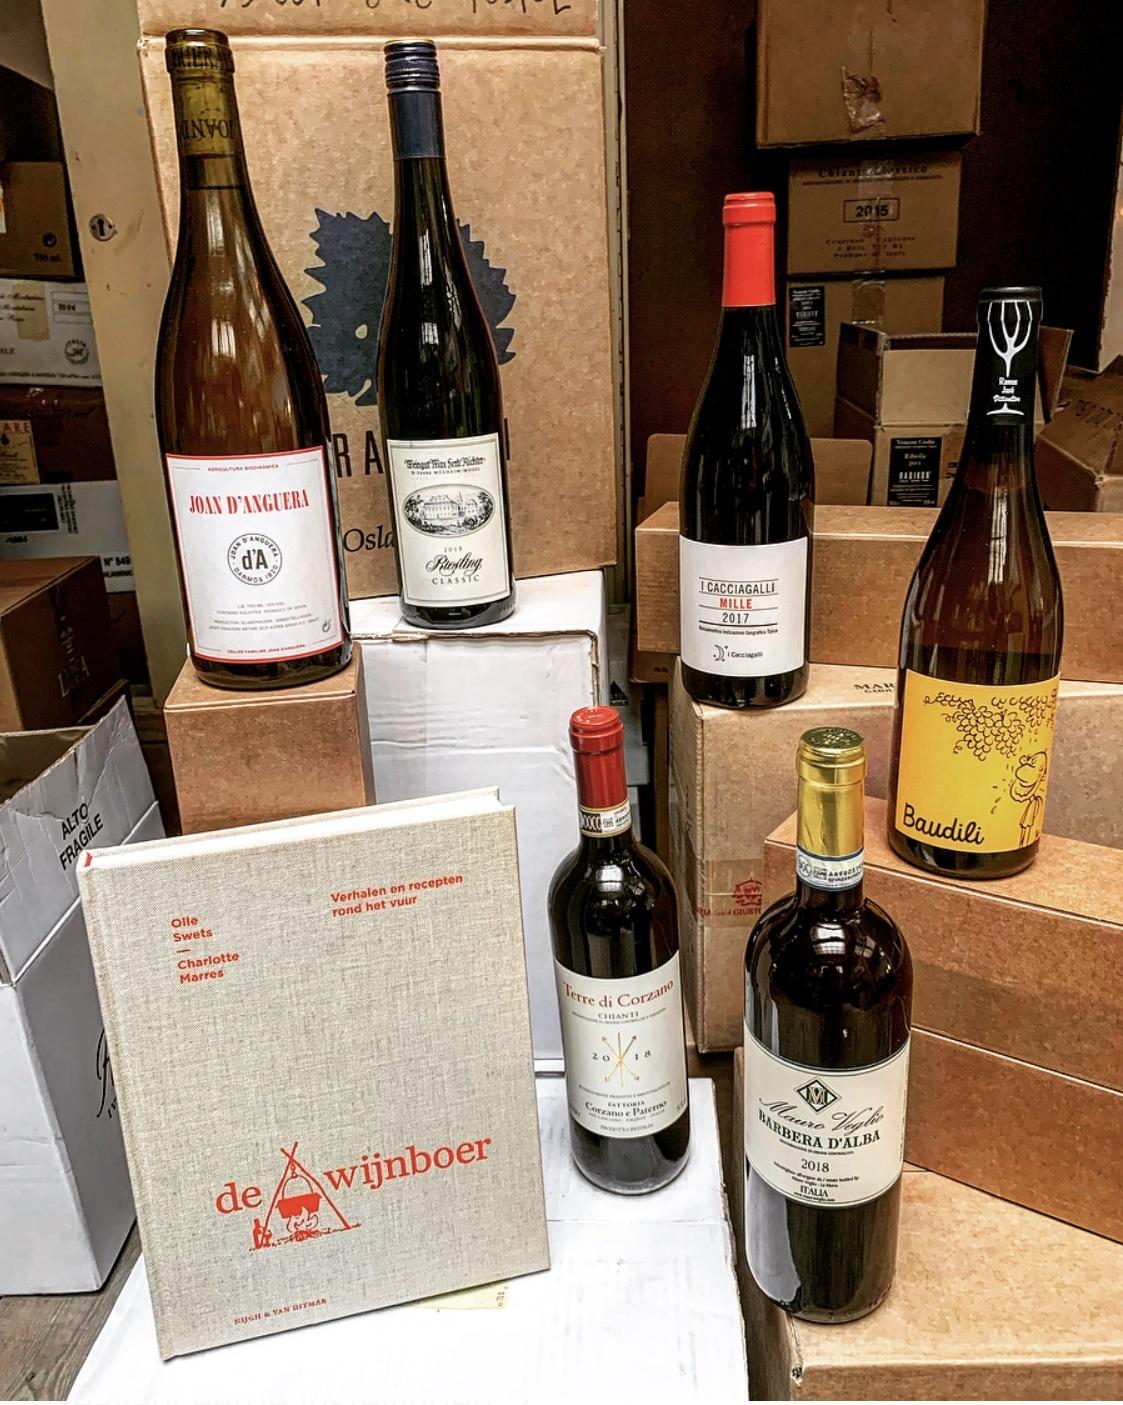 Het boek De Wijnboer met voor bijna elk hoofdstuk een bijpassende wijn-1